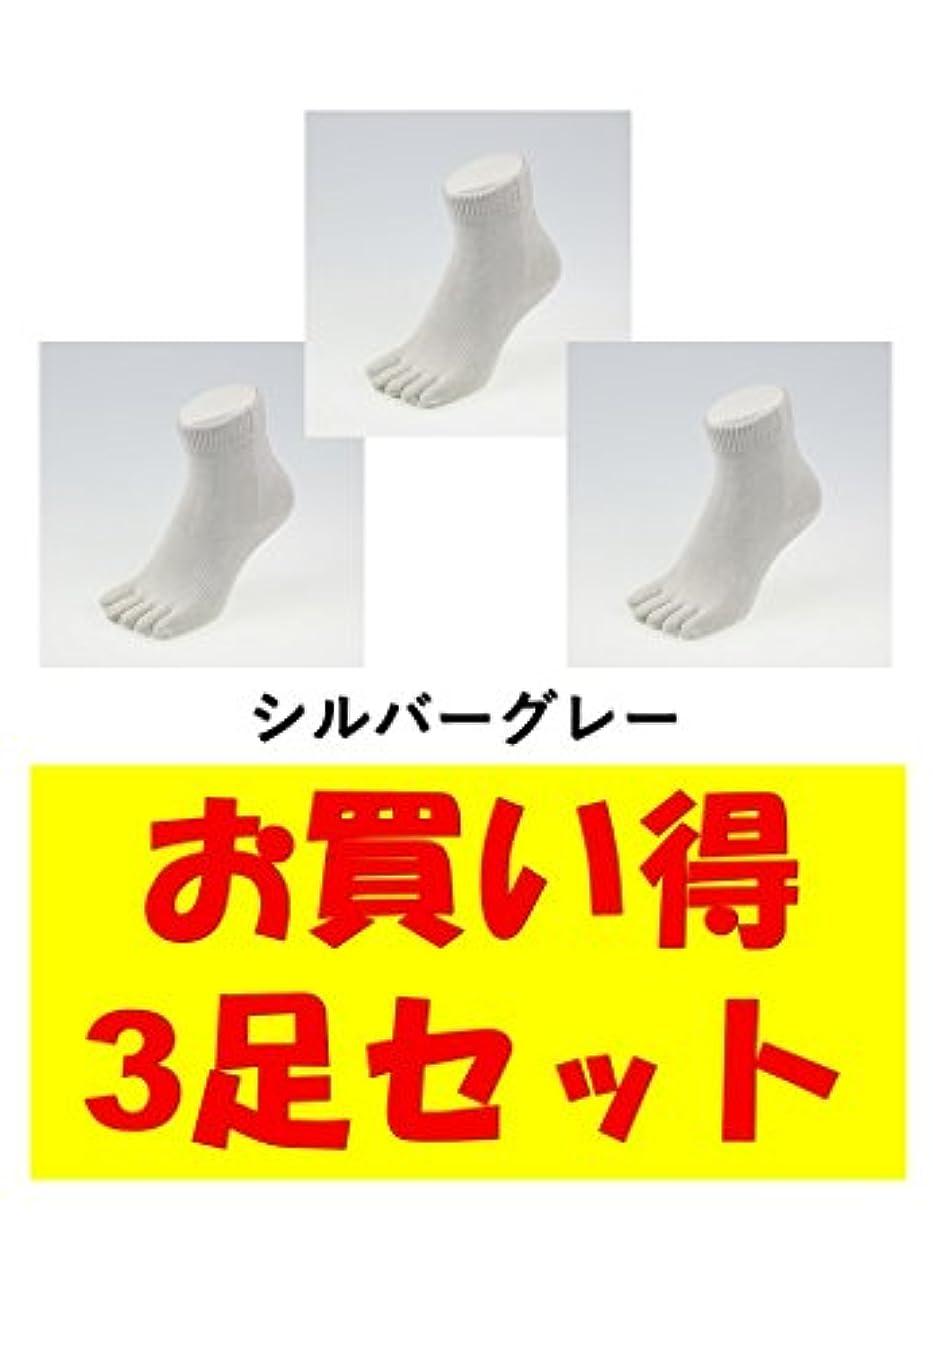 貫入前投薬またはどちらかお買い得3足セット 5本指 ゆびのばソックス Neo EVE(イヴ) シルバーグレー iサイズ(23.5cm - 25.5cm) YSNEVE-SGL